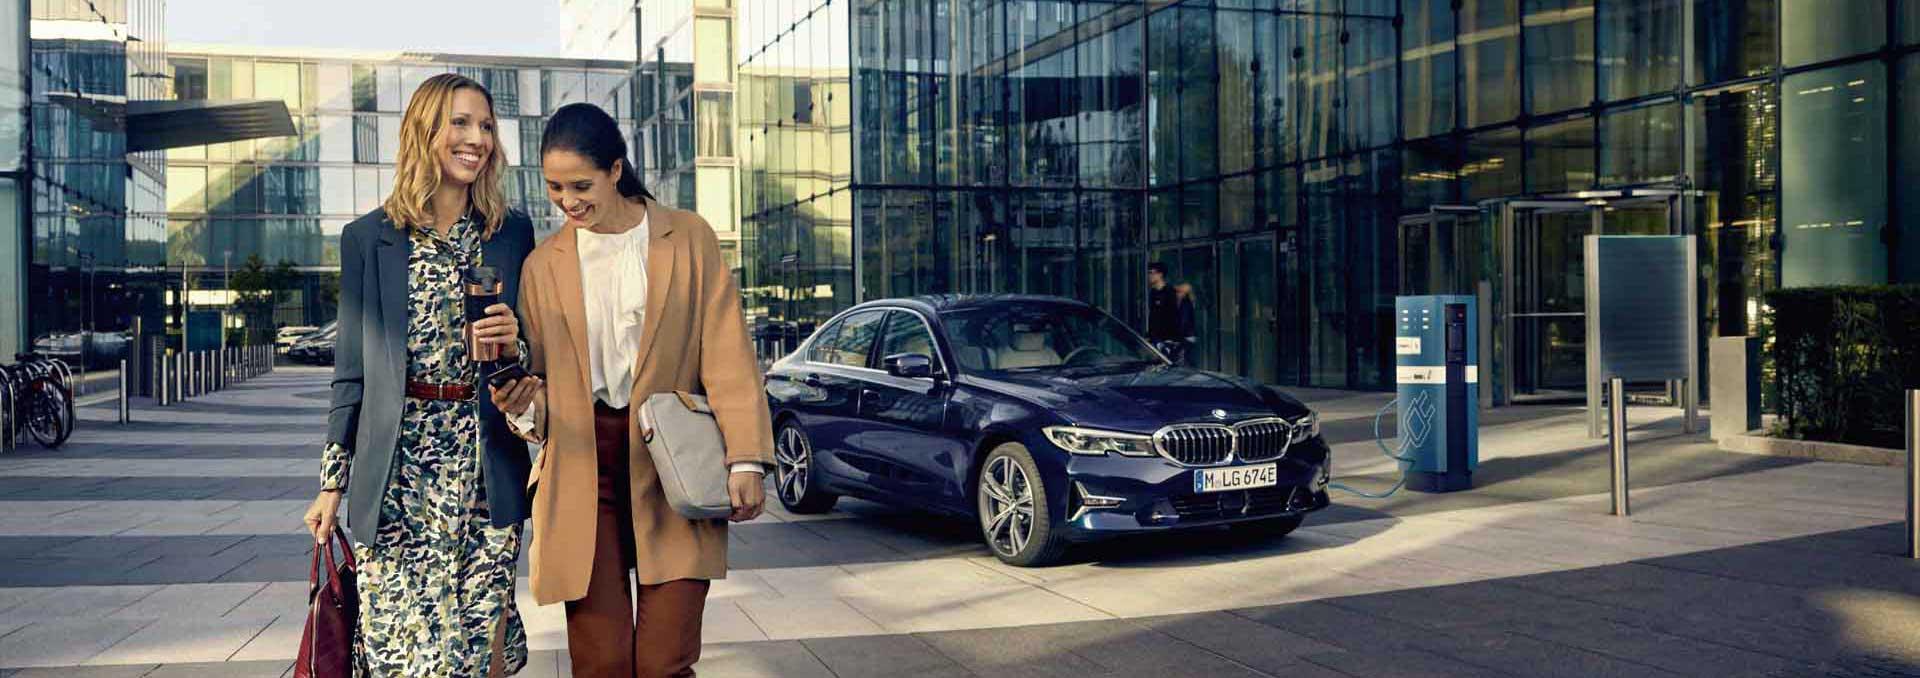 Mayo: Financiación exclusiva para modelos BMW